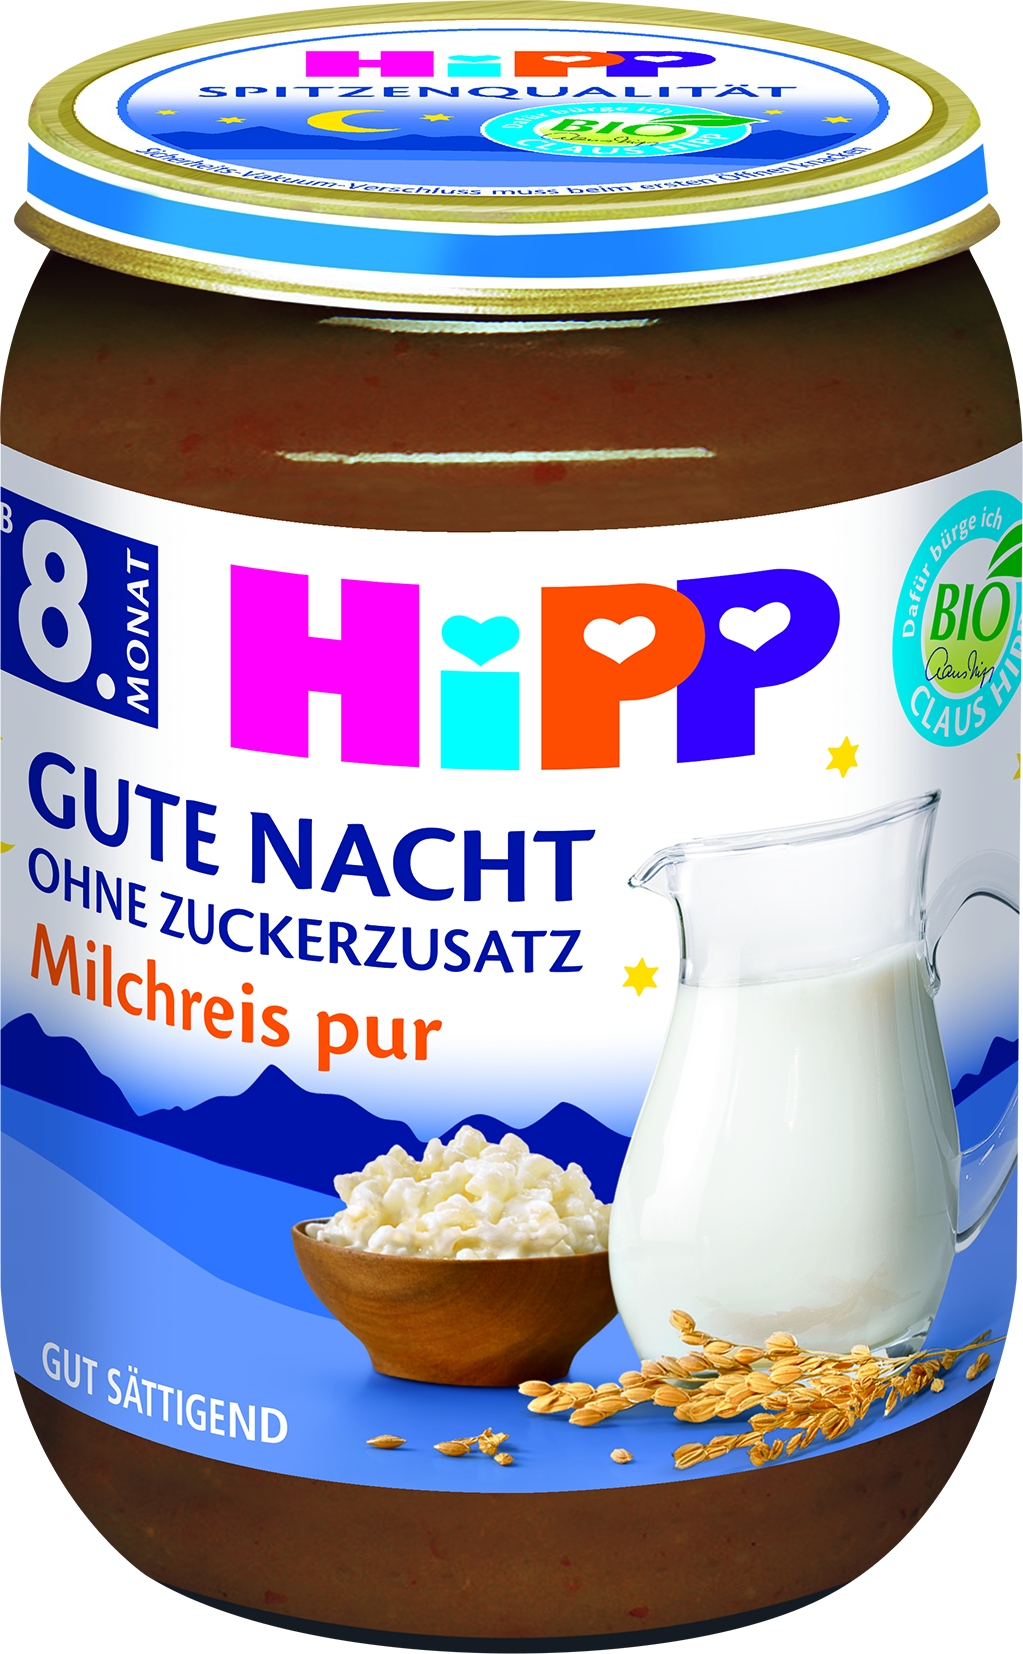 Bio 5535 GNB Milchreis